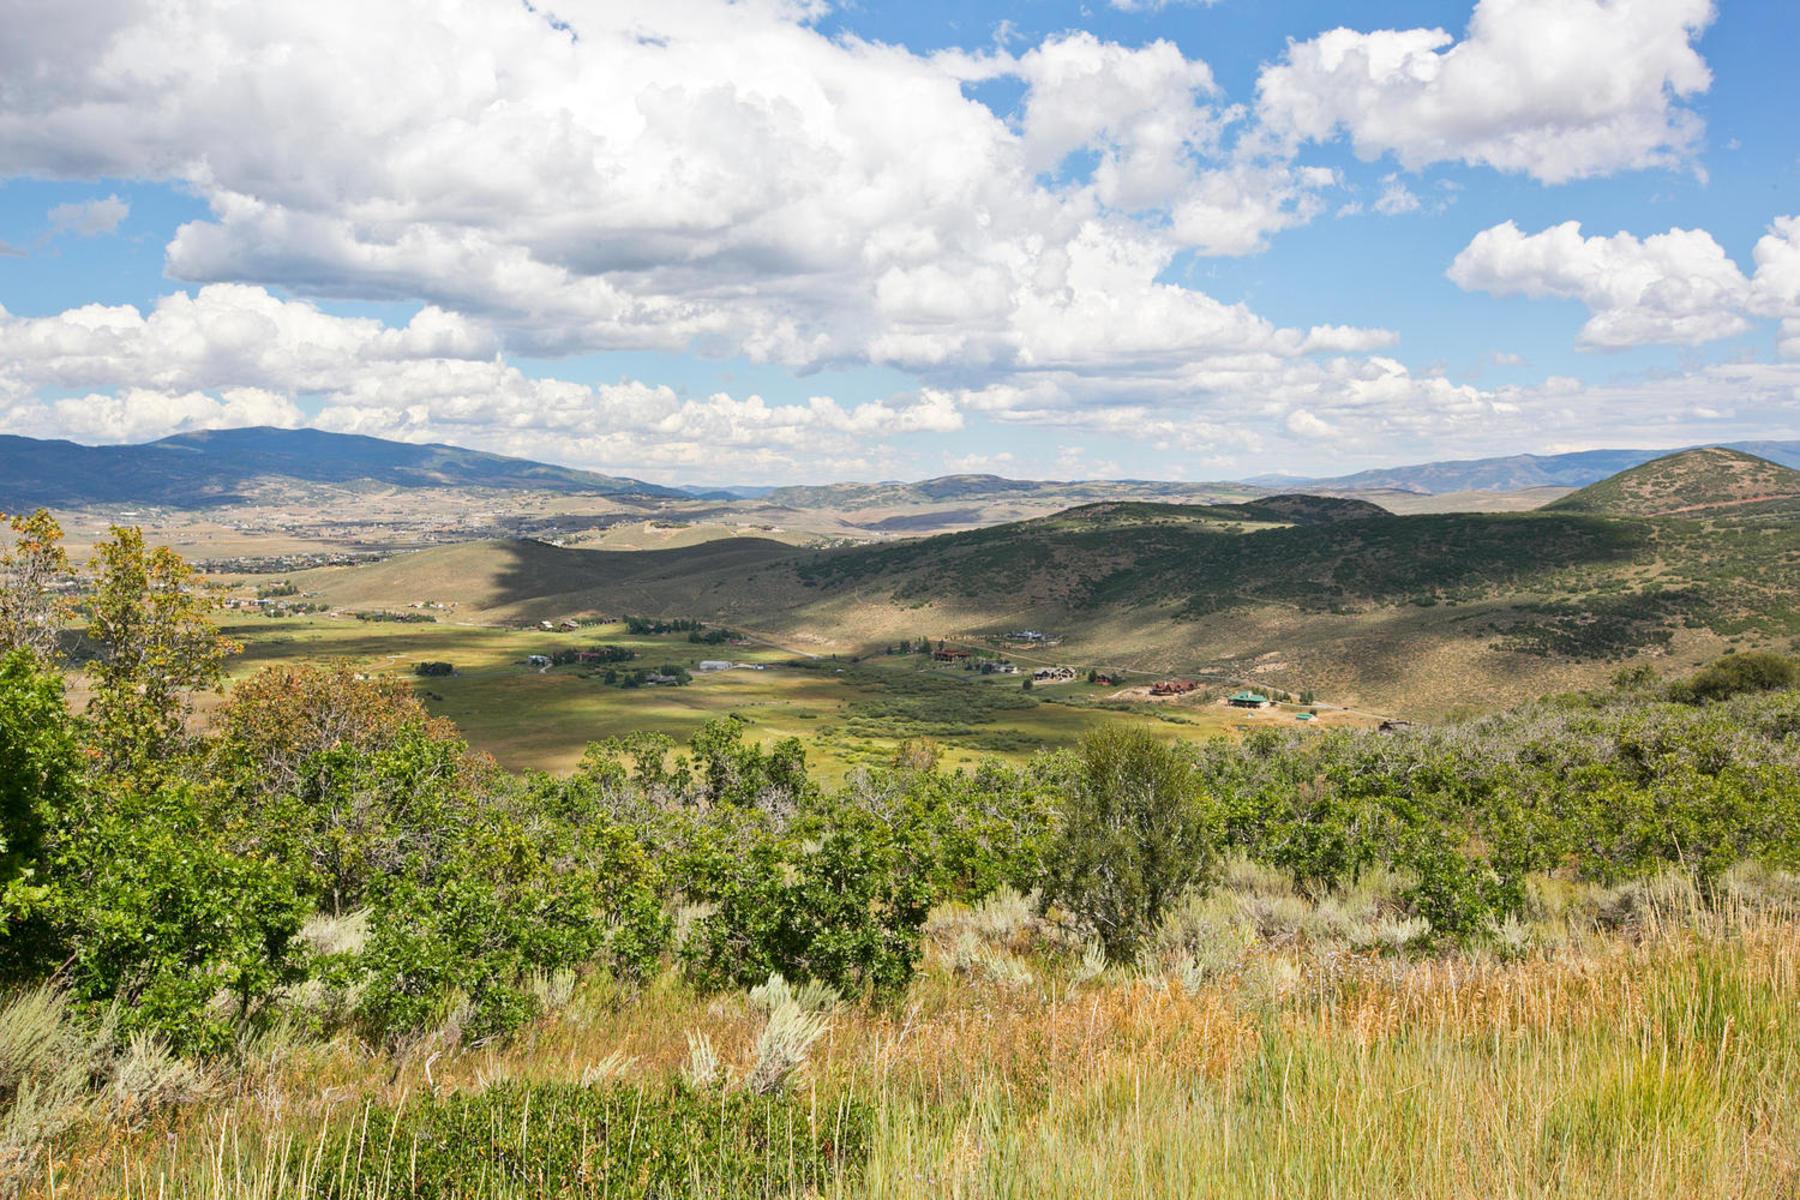 Terreno por un Venta en 2.44 Acre Building Lot in Park Meadows 310 W Mountain Top Park City, Utah, 84060 Estados Unidos